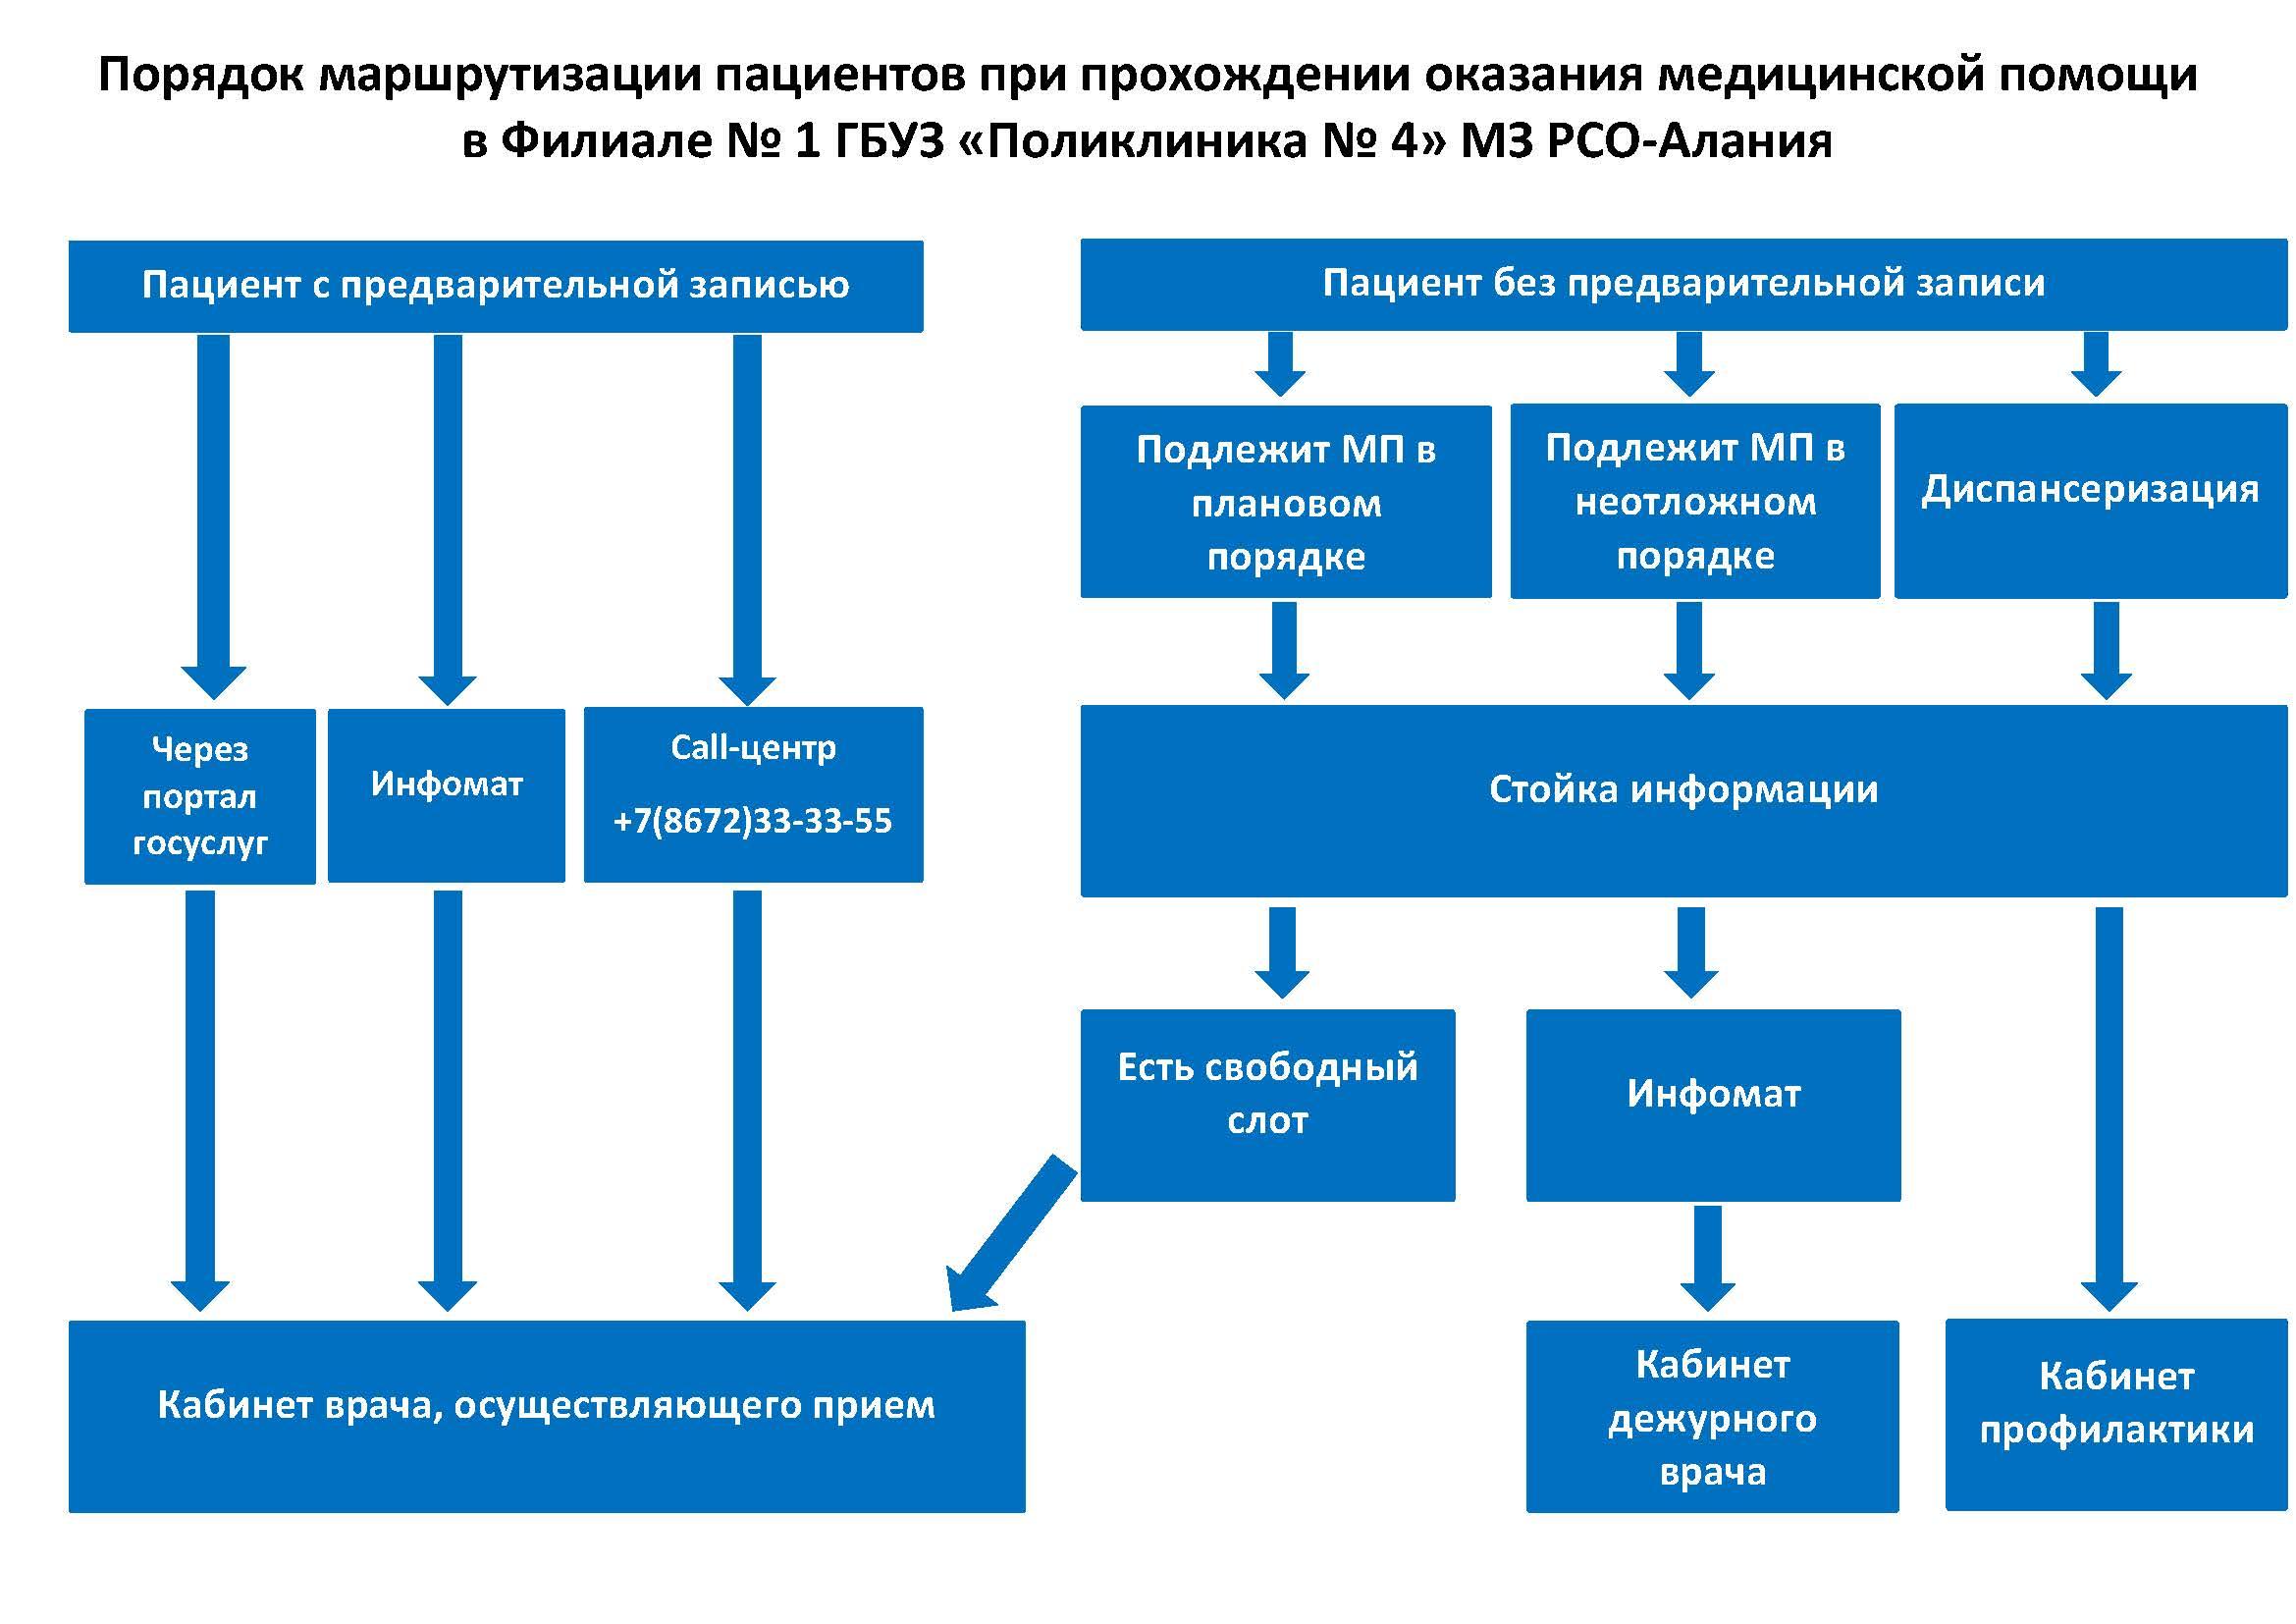 """ГБУЗ """"Поликлиника № 4"""" МЗ РСО-Алания"""